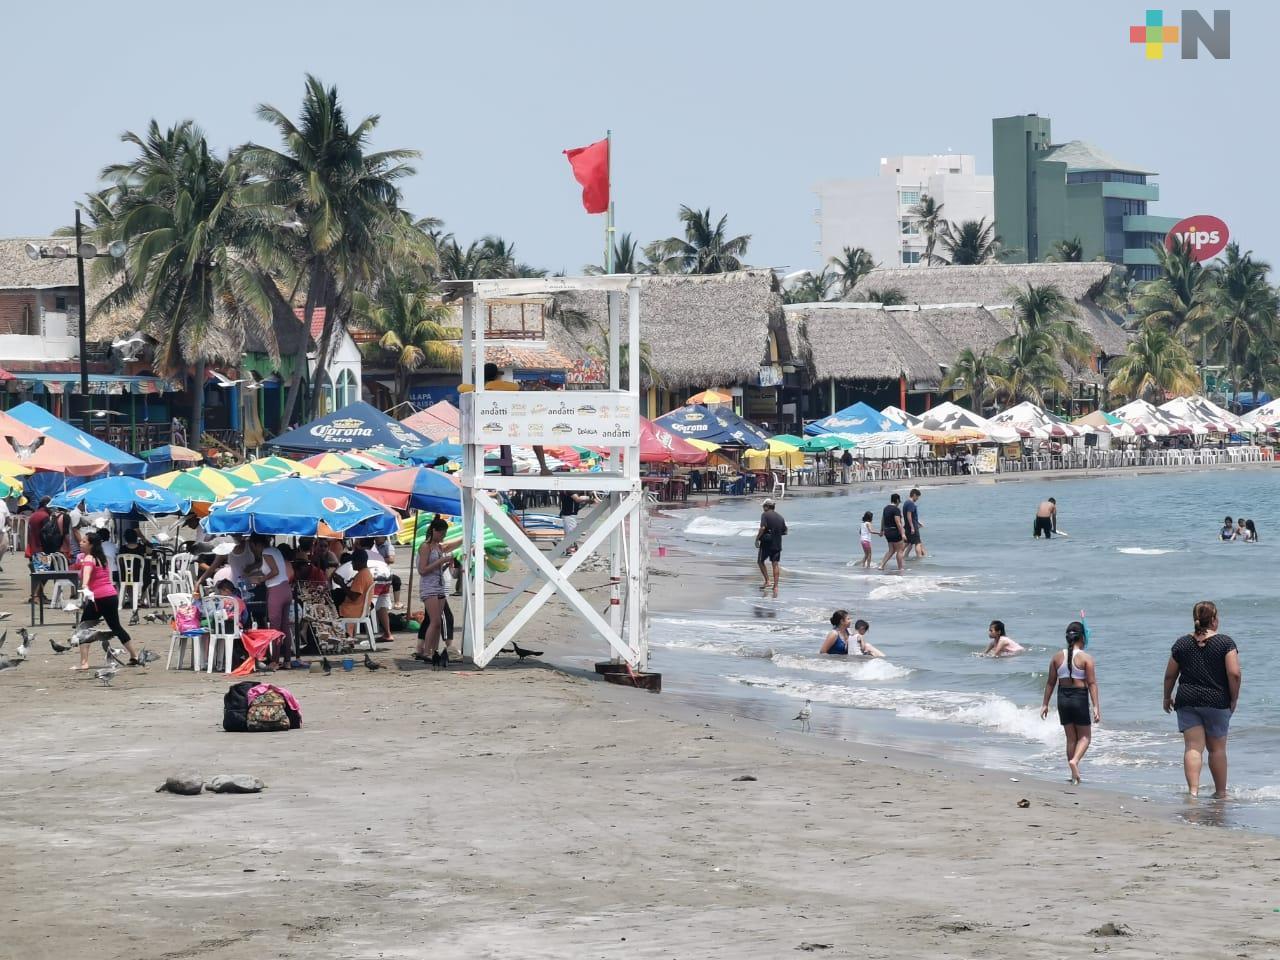 Semáforo rojo en el puerto de Veracruz es por 13 mil contagios, no es tema político: Gobernador